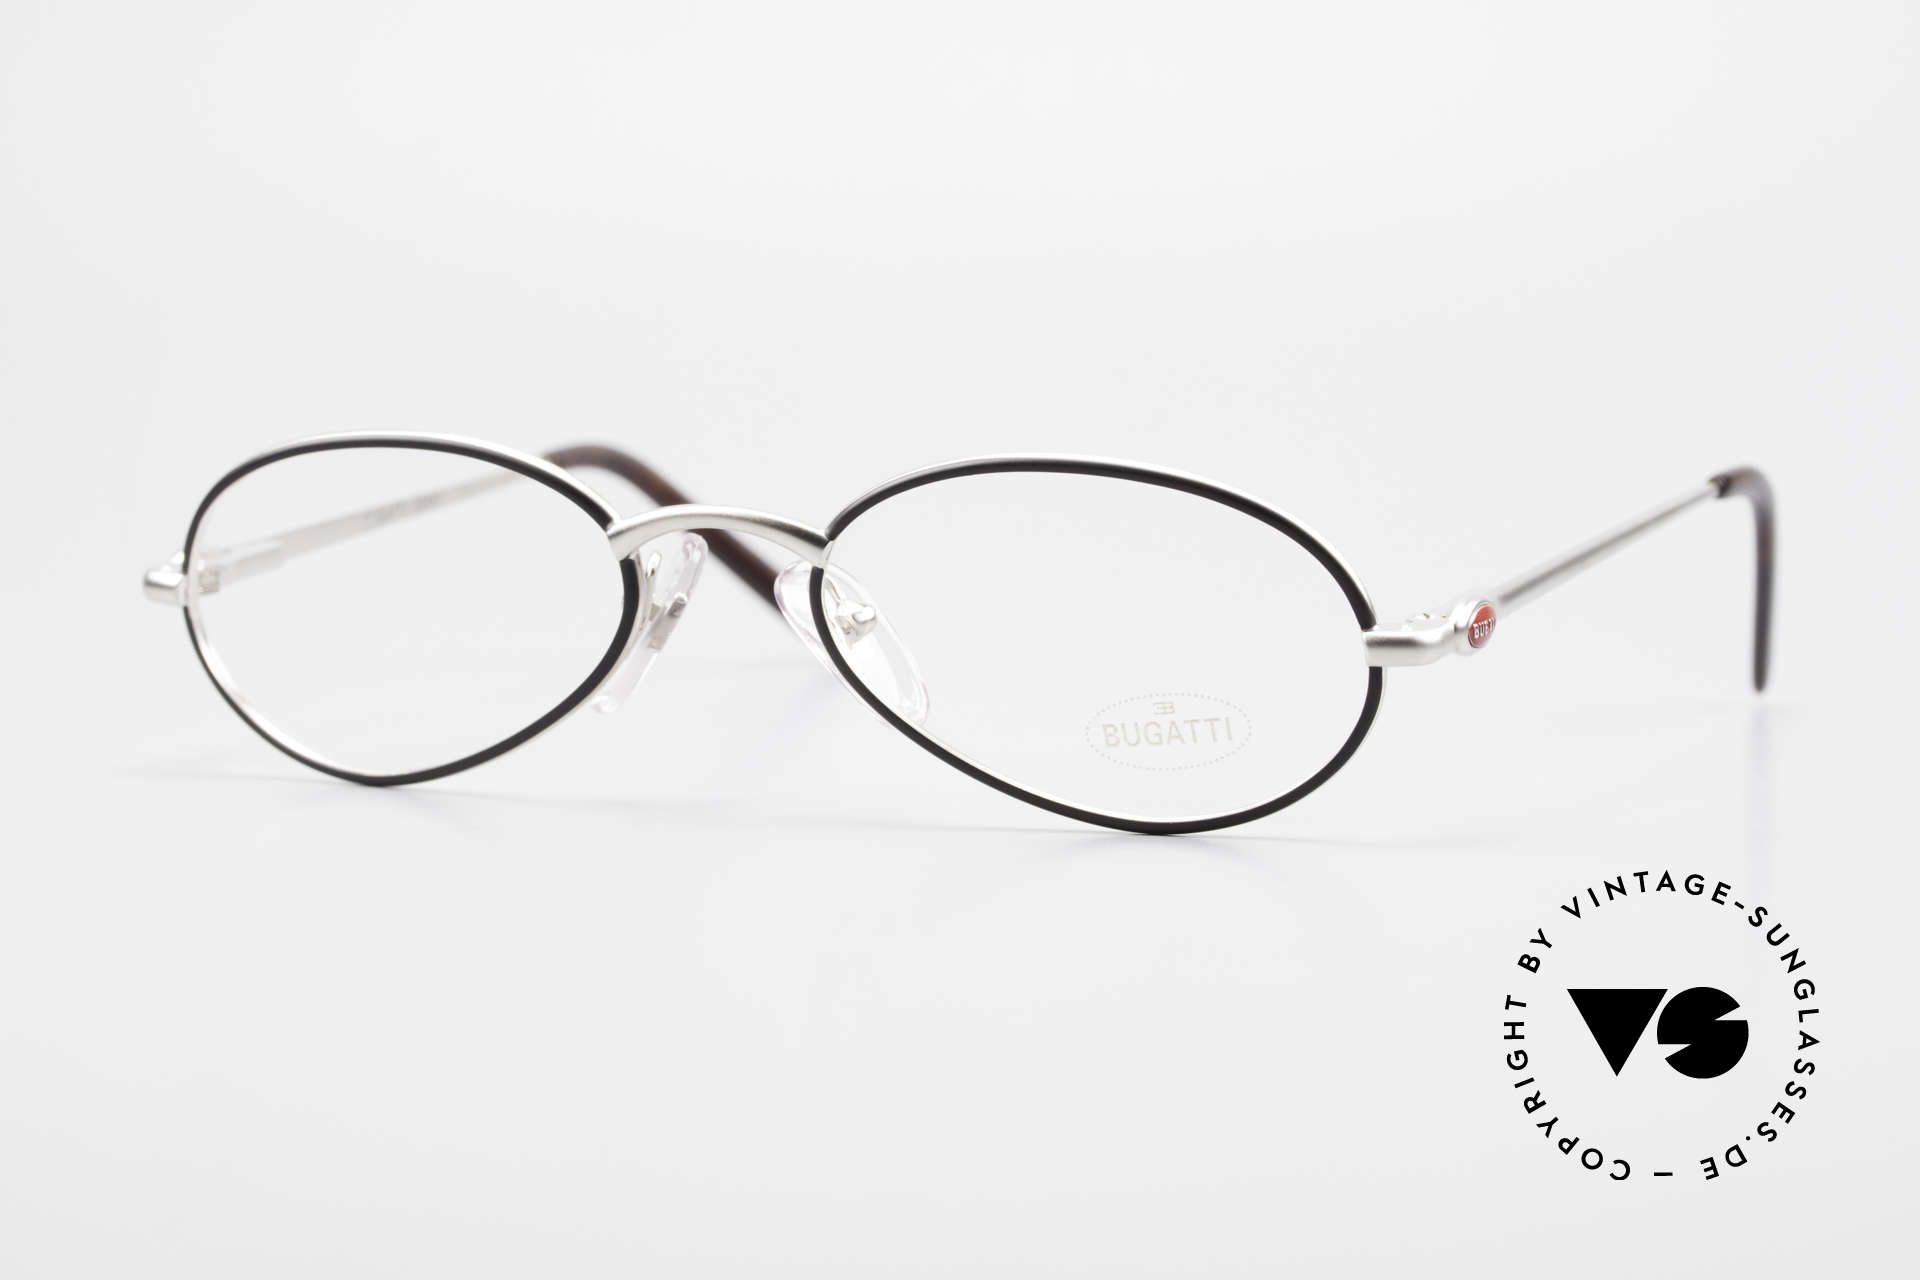 Bugatti 22431 Kleine 90er Vintage Brille, sehr elegantes BUGATTI vintage Brillengestell, Passend für Herren und Damen